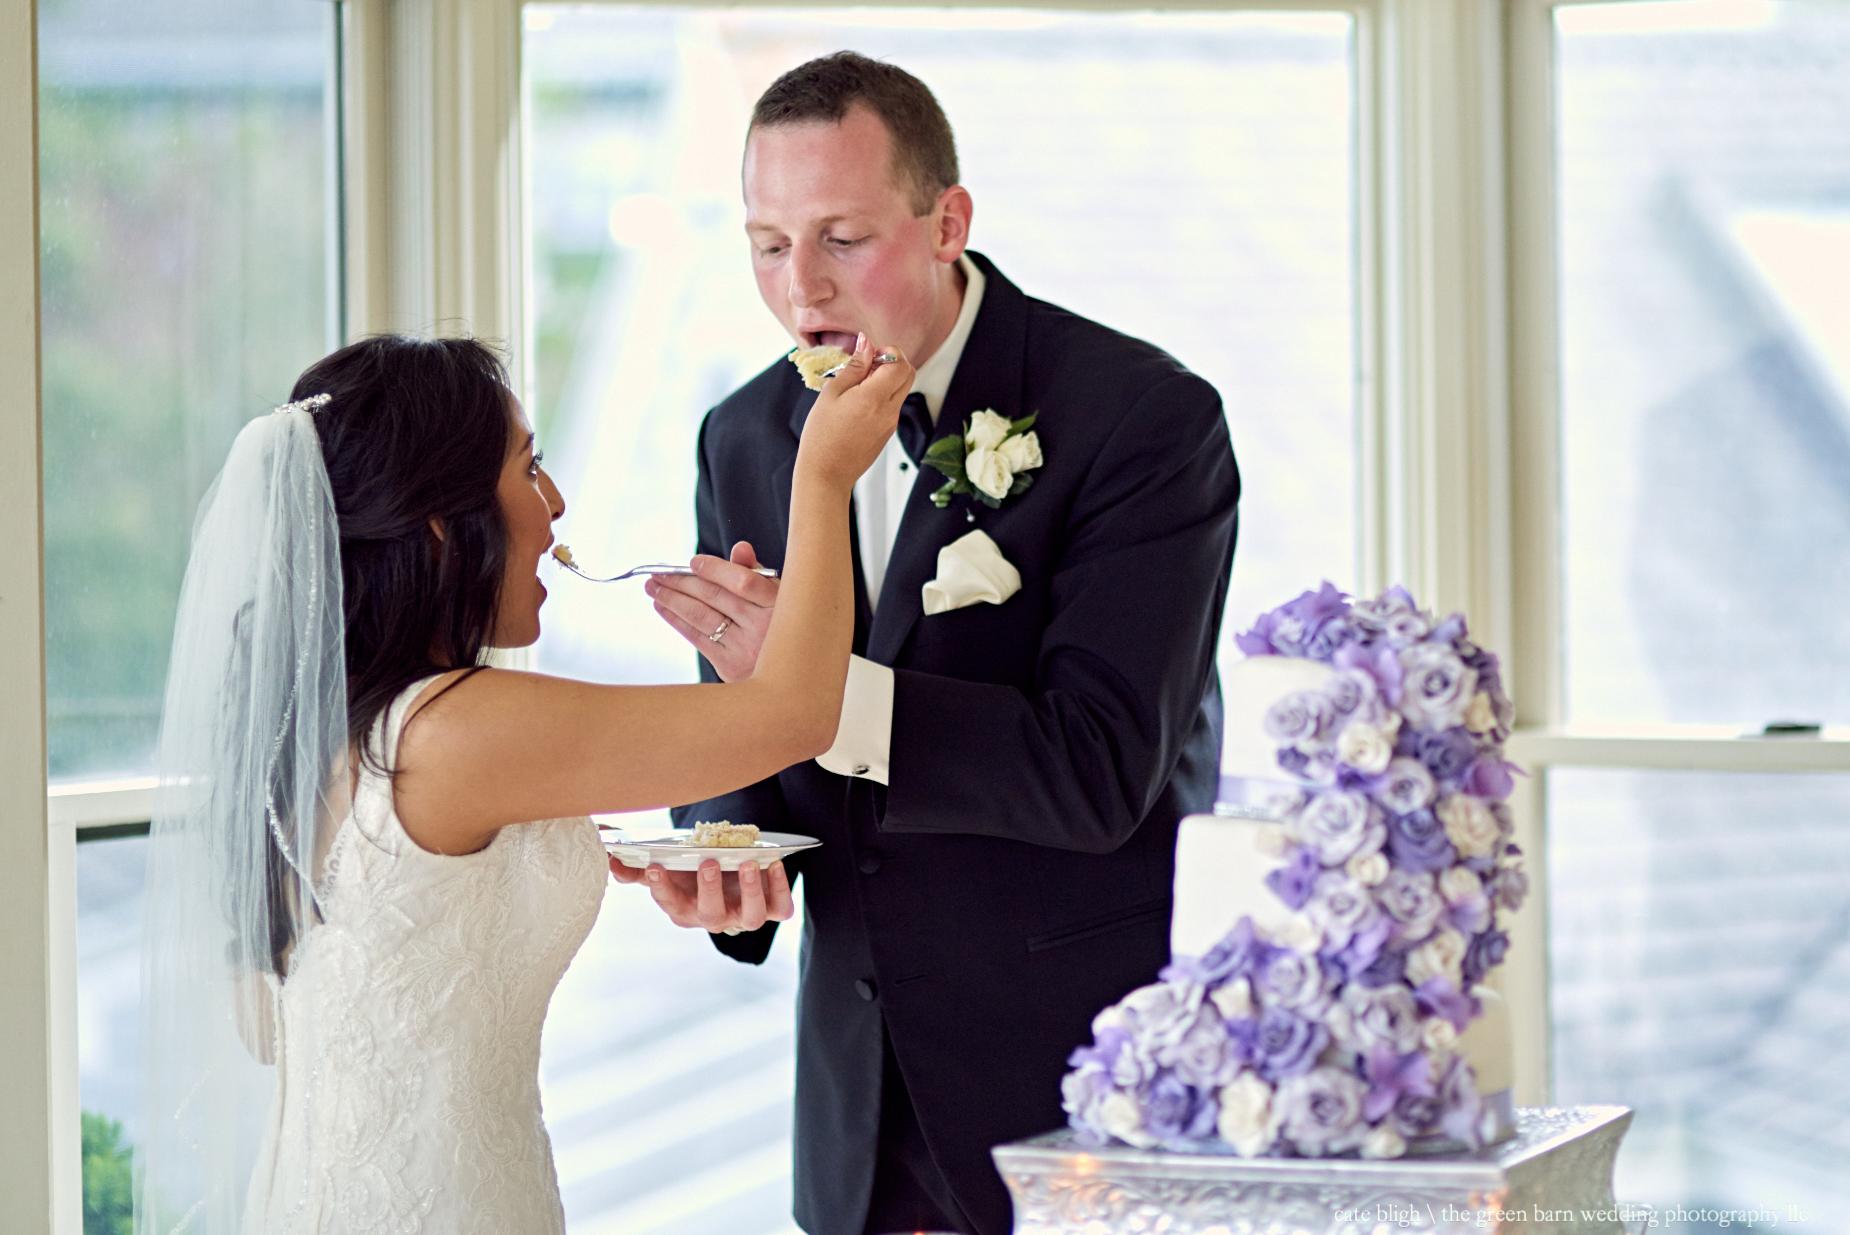 cape-elizabeth-wedding-photos-by-cate-bligh-161.jpg